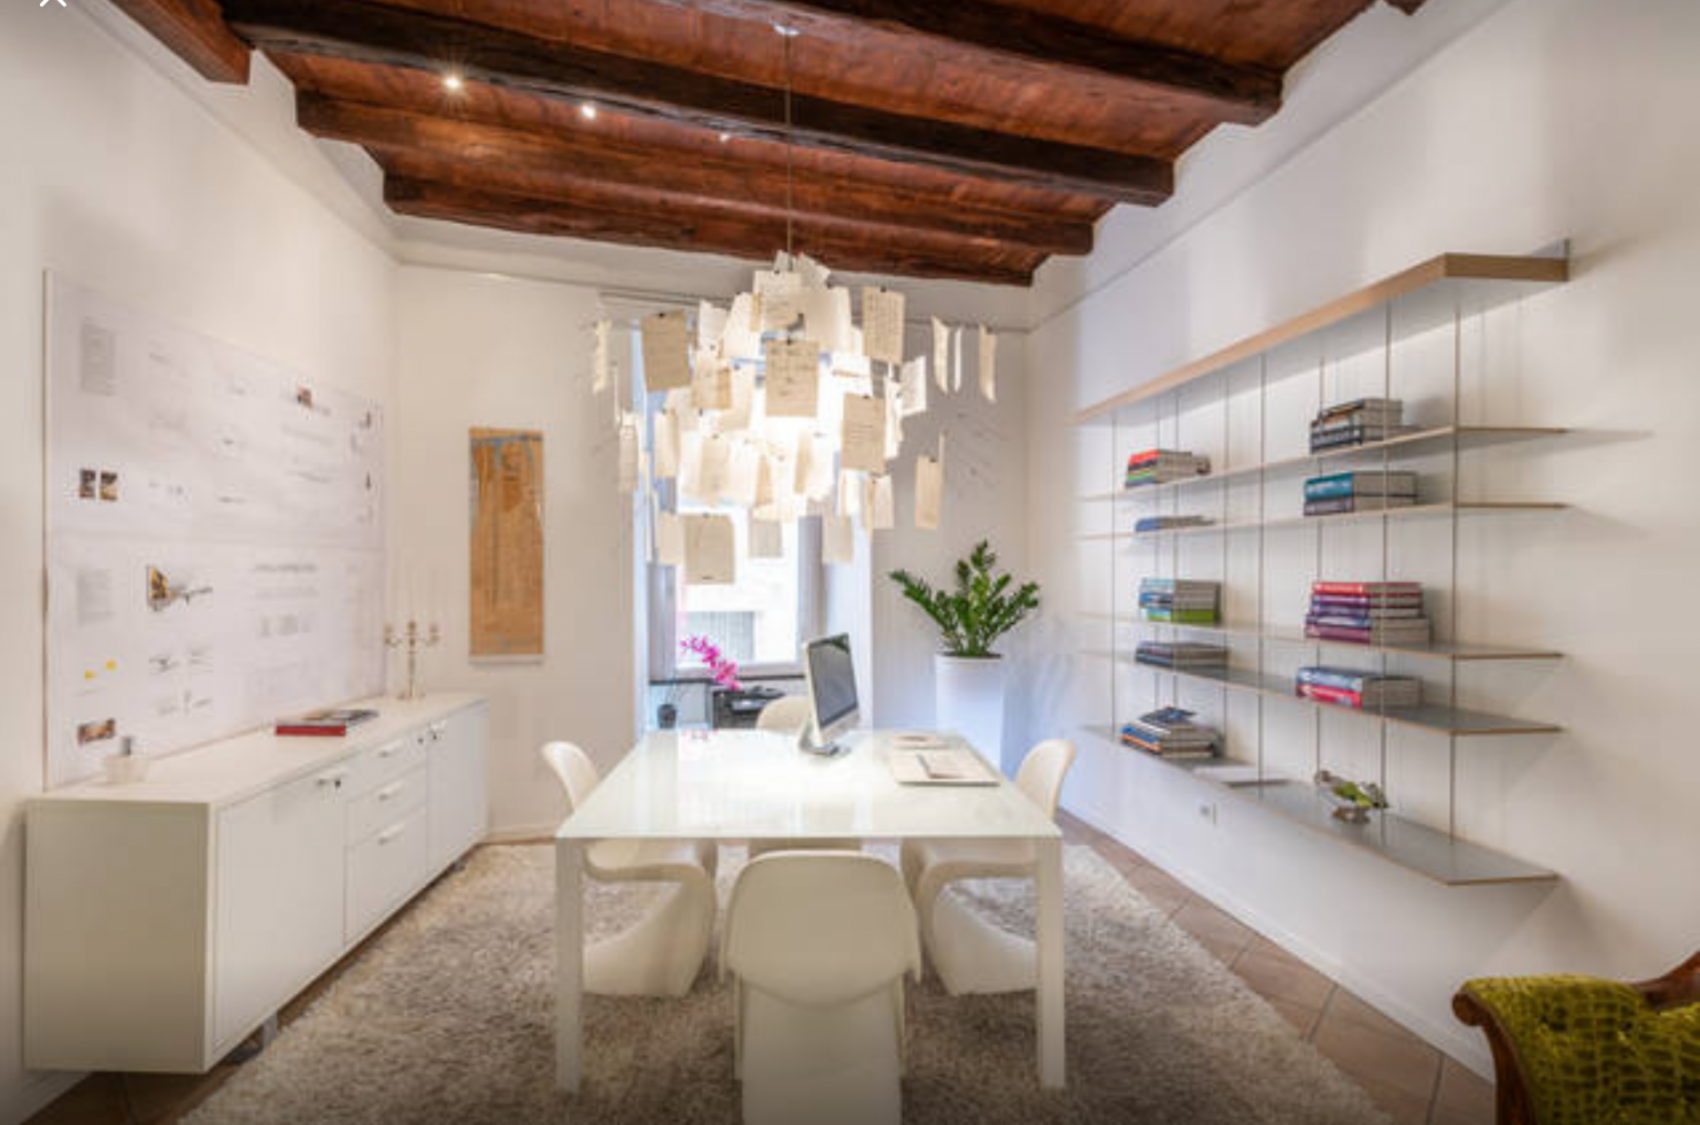 Foto dello studio di architettura e interior design Negriniinteriors